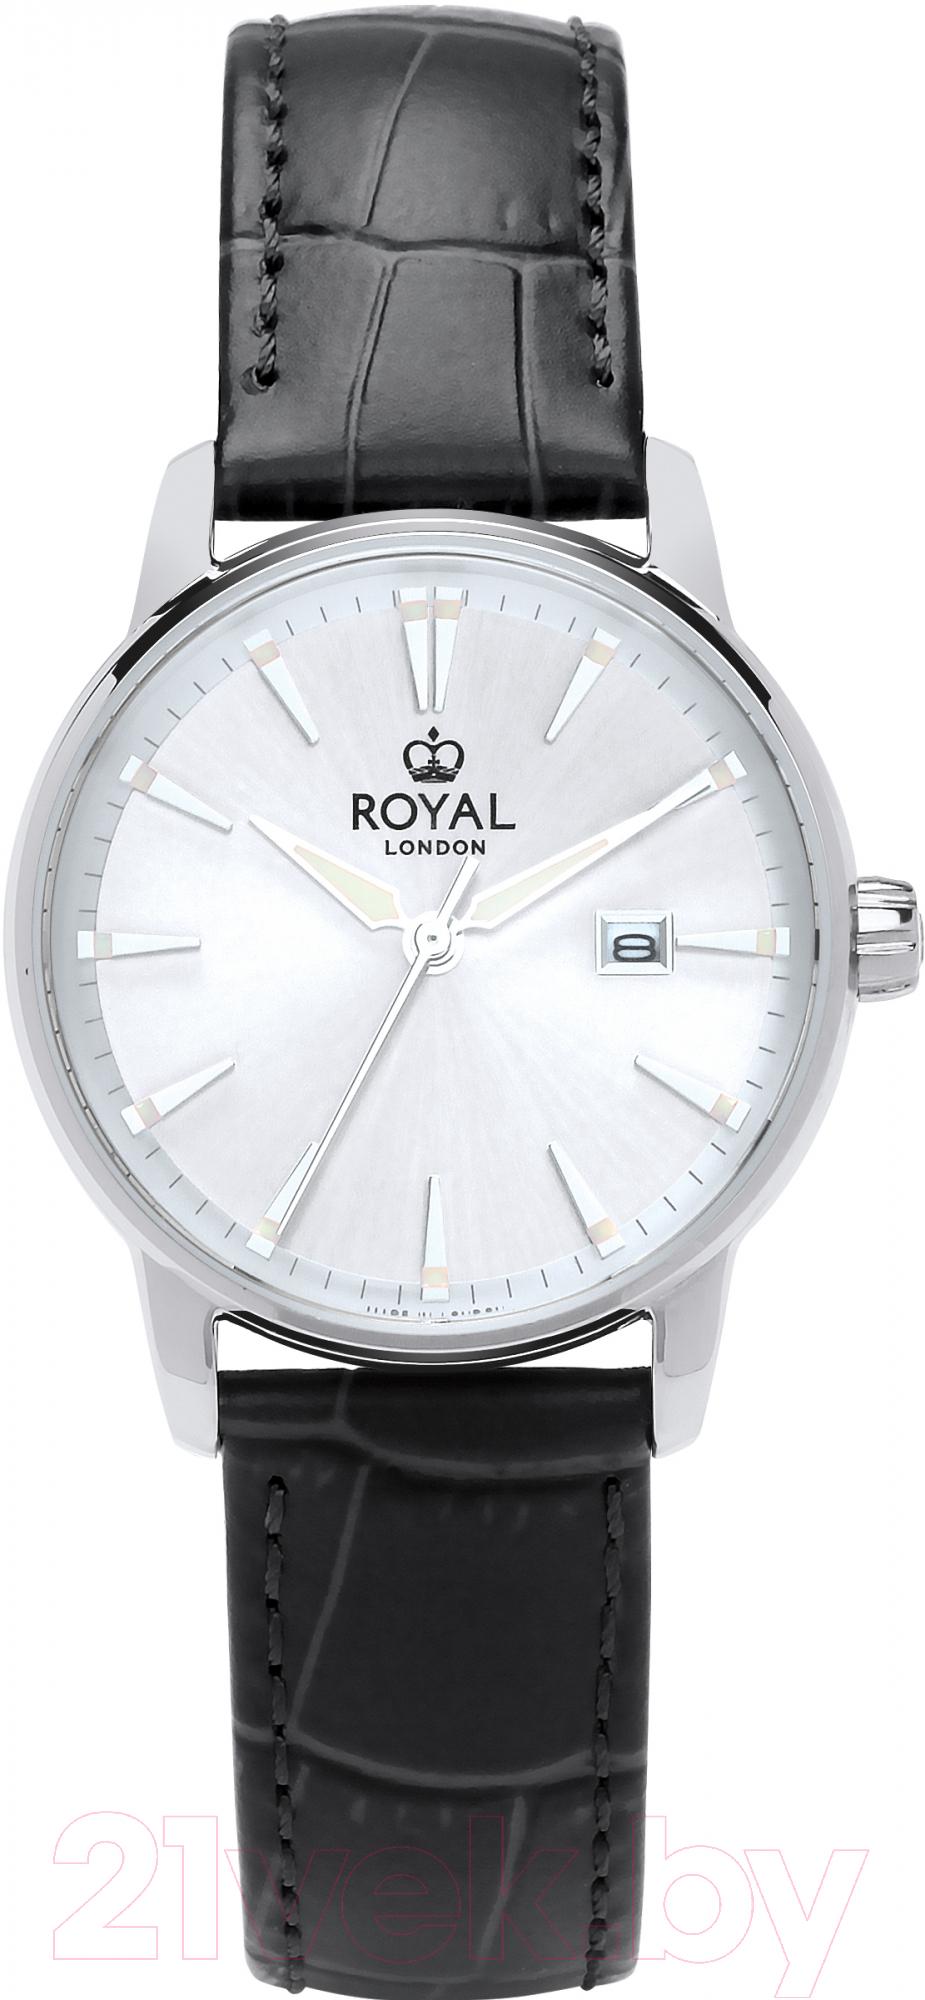 Купить Часы наручные женские Royal London, 21401-01, Великобритания